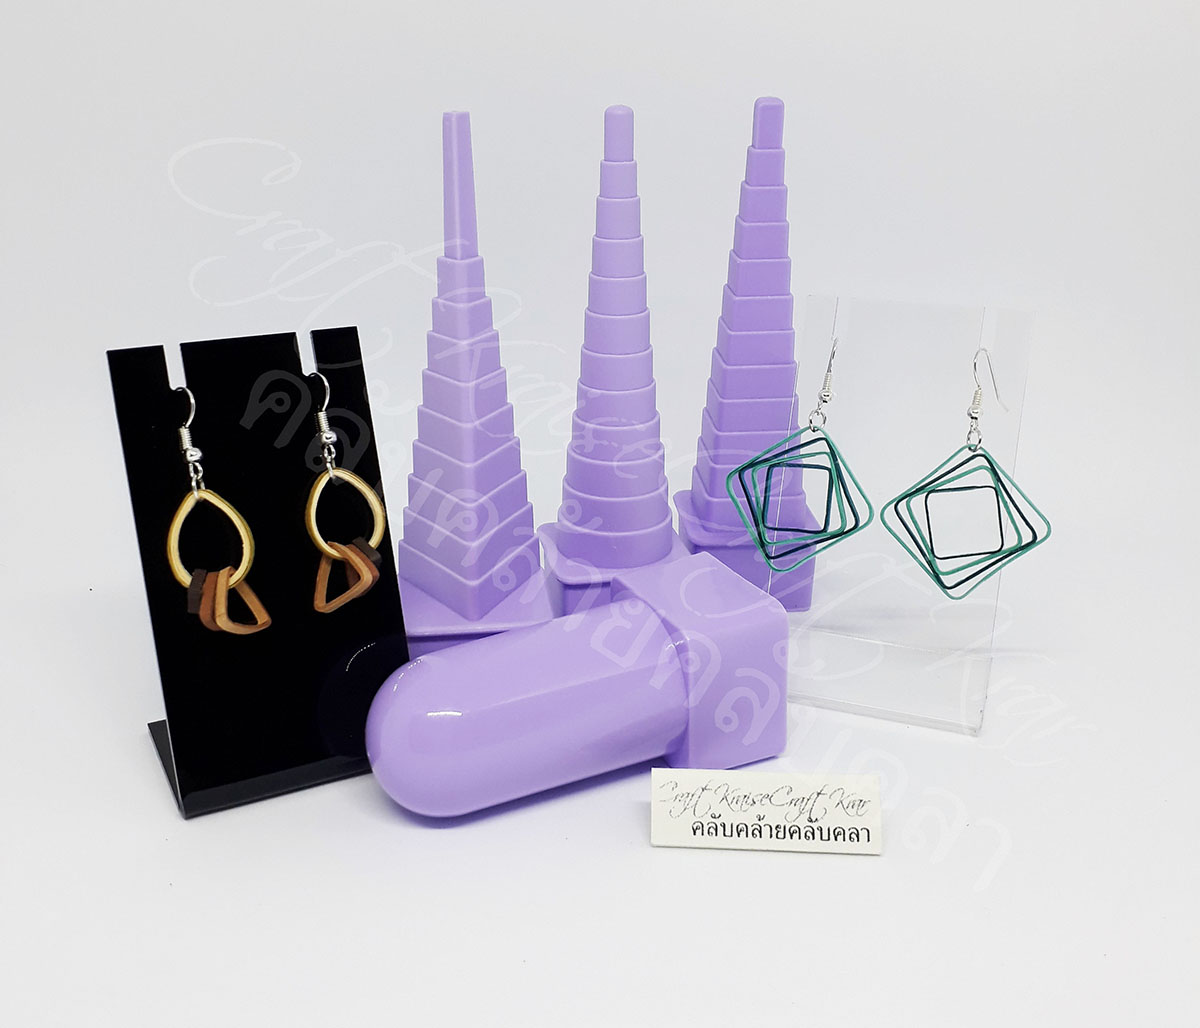 อุปกรณ์สำหรับสร้างต่างหูจากงานม้วนกระดาษ (Quilling Earring Tool)